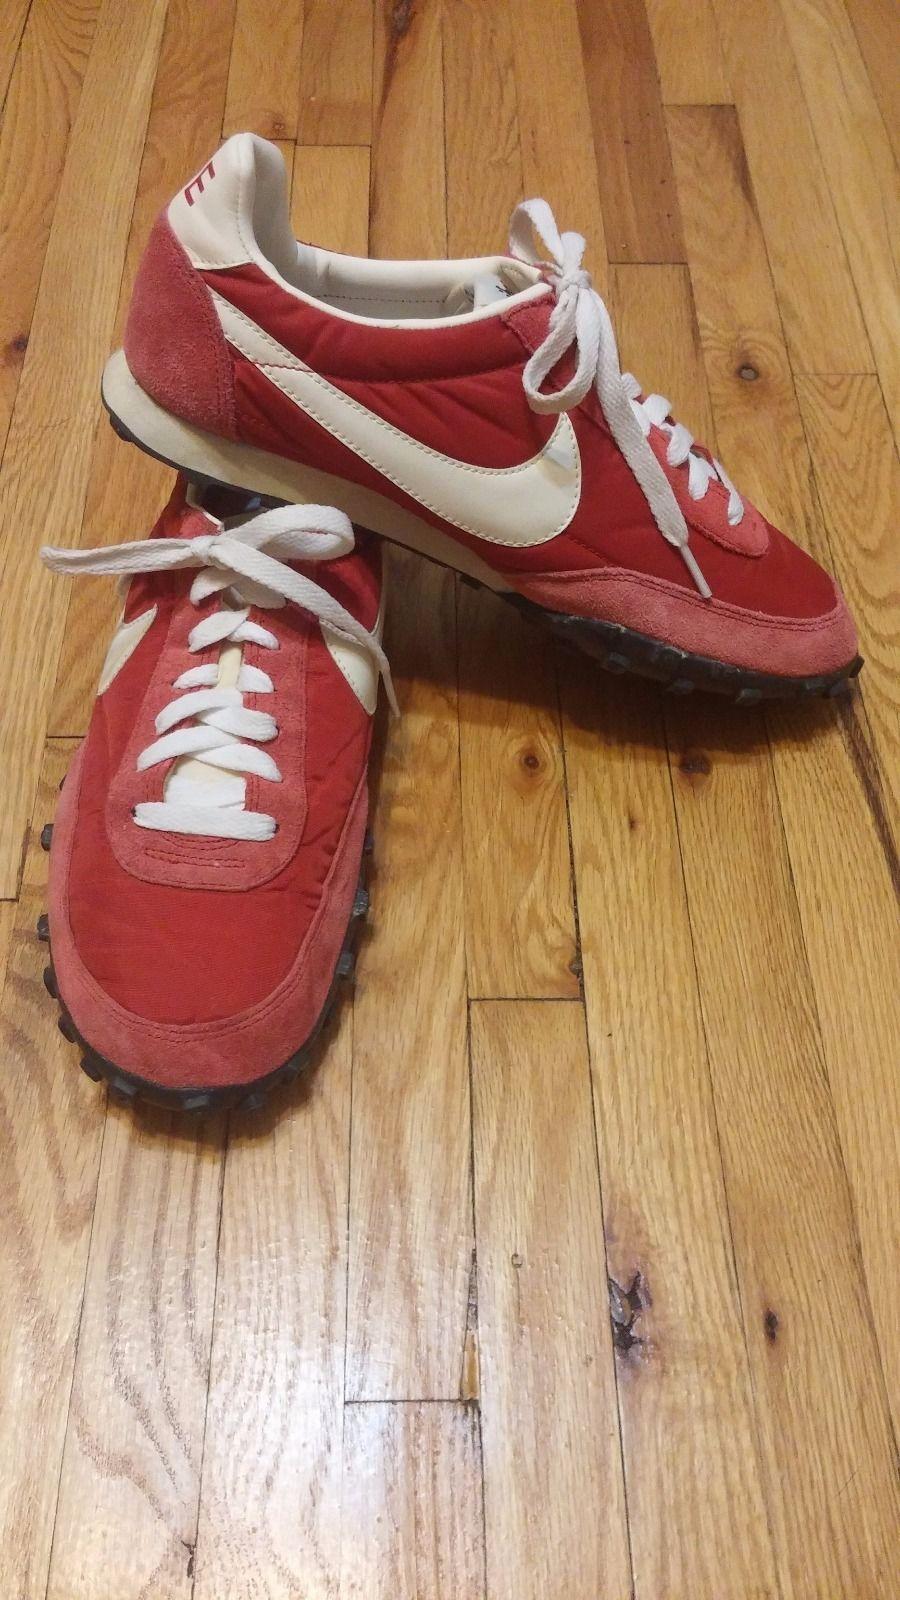 J Crew Nike Vintage Red Waffle Racers Size 9 eBay  eBay